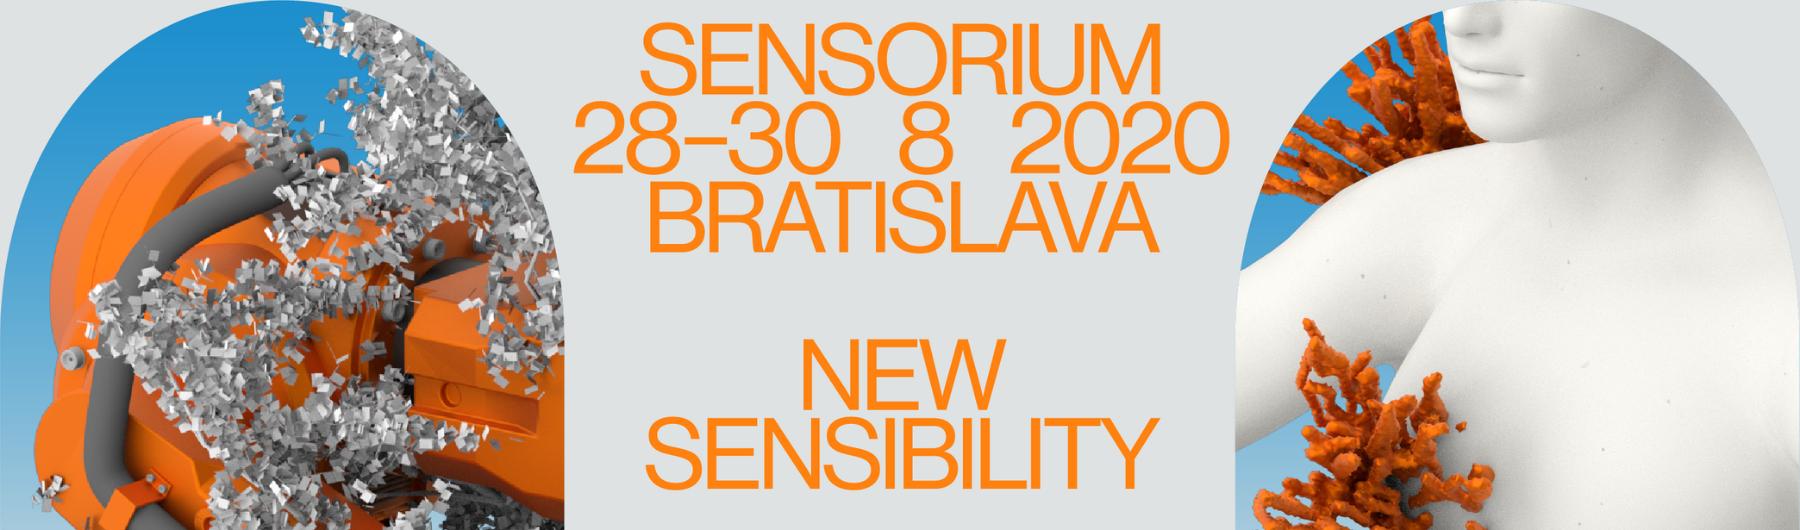 Sensorium Festival 2020